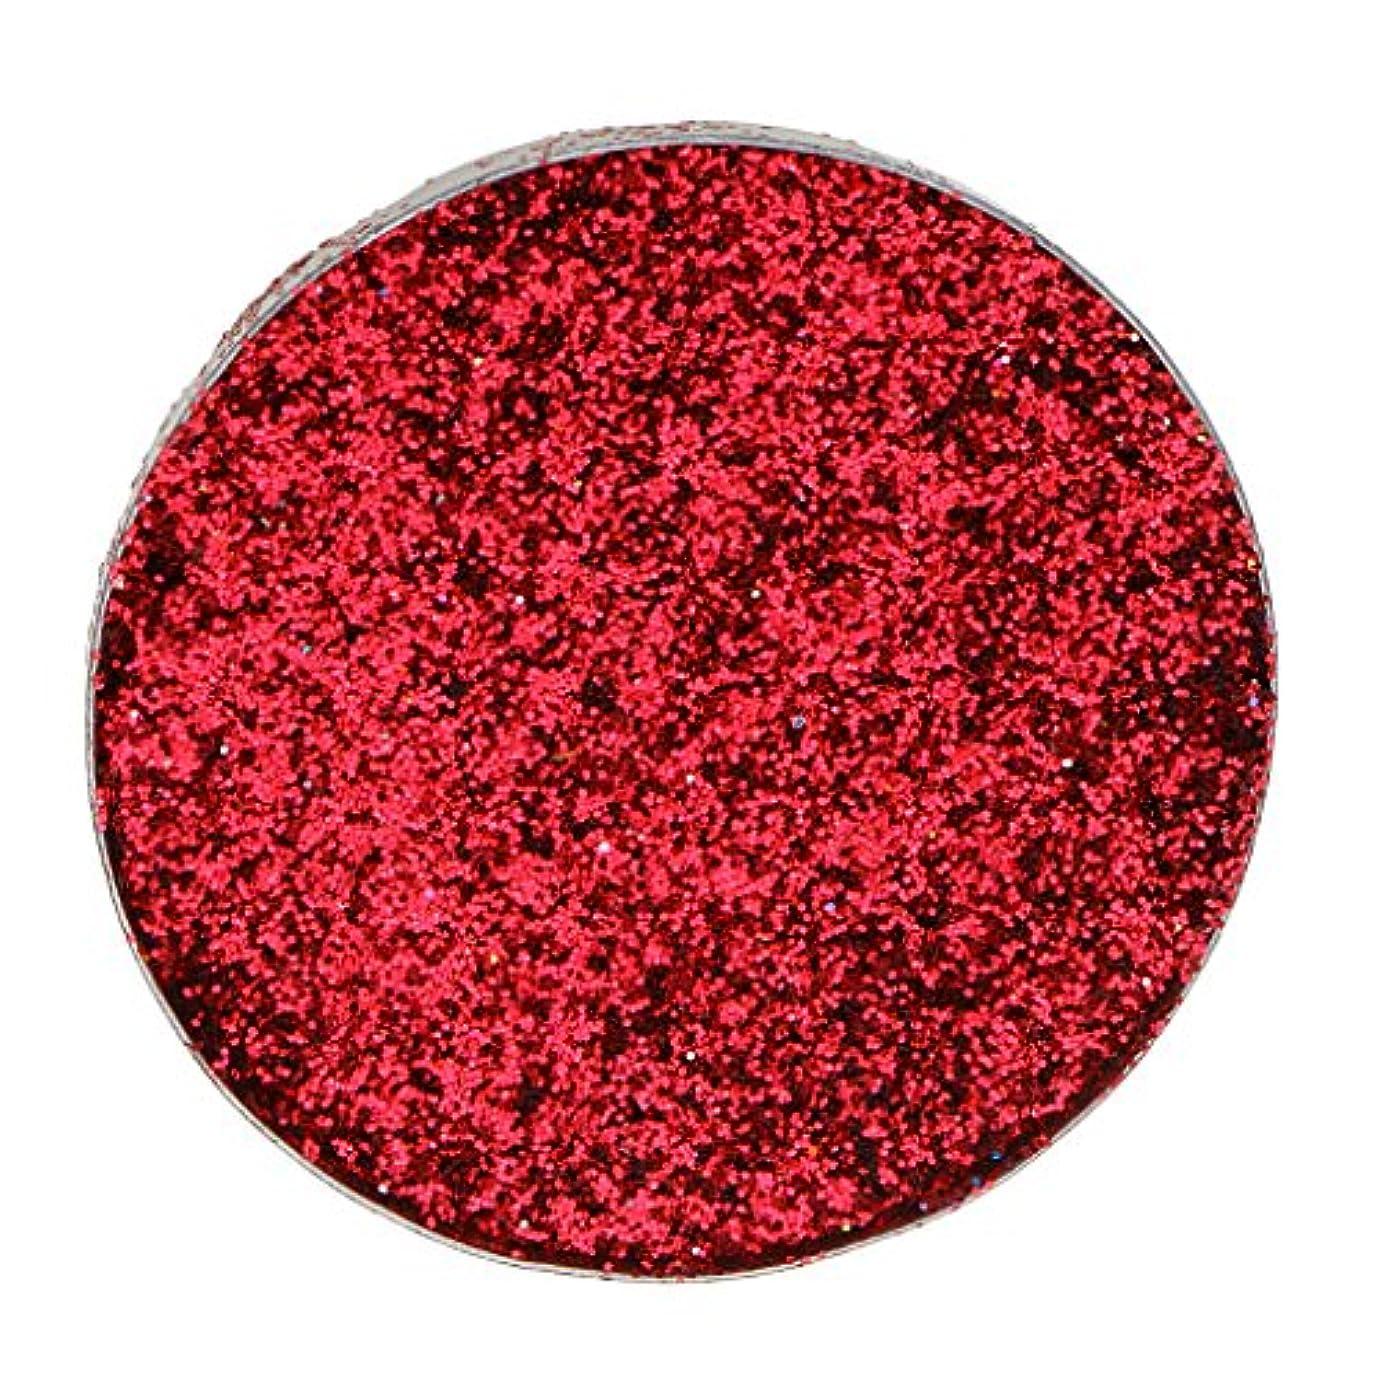 望まないバンケットブラケットダイヤモンドキラキラ輝き輝くメークアッププレスアイシャドー顔料 - 赤